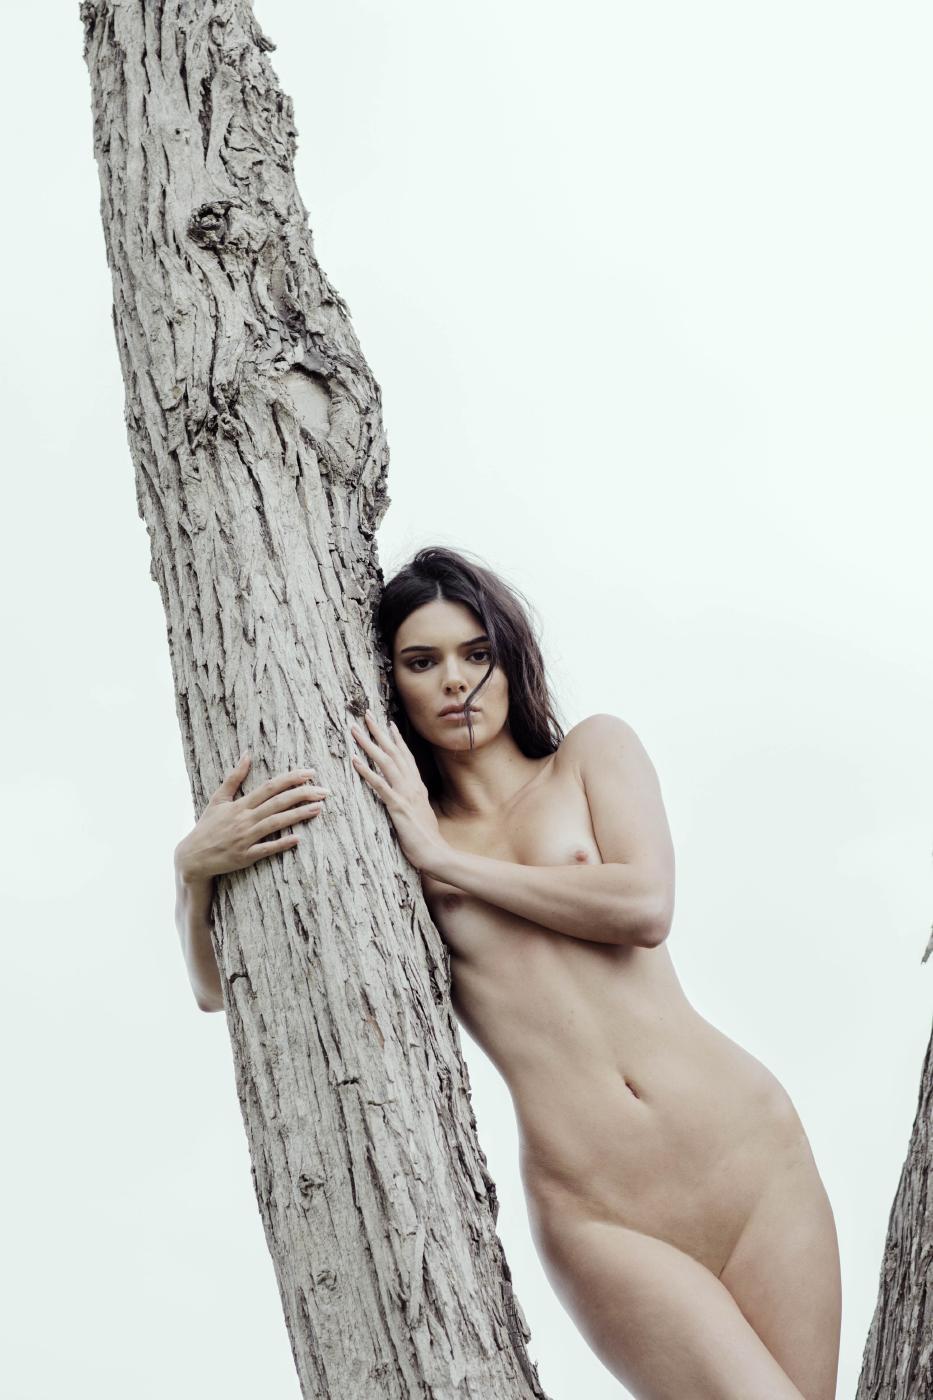 Kendall Jenner Nude Angels Magazine Photoshoot Ywcbyr